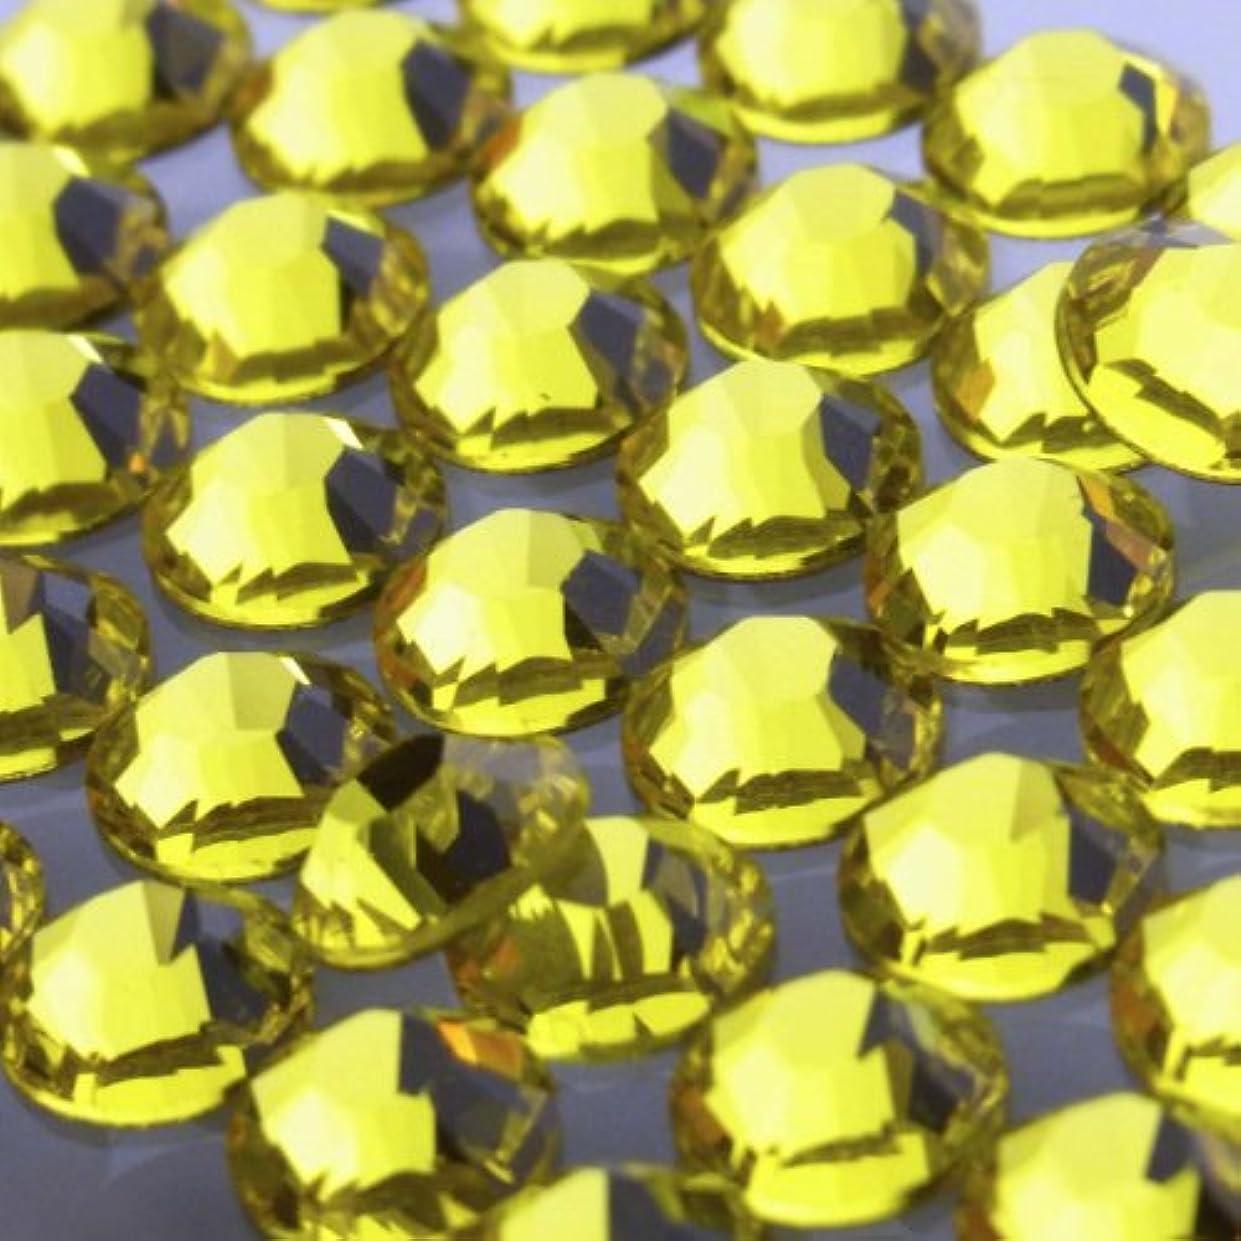 悪魔クローゼット怪物Hotfixシトリンss8(100粒入り)スワロフスキーラインストーンホットフィックス